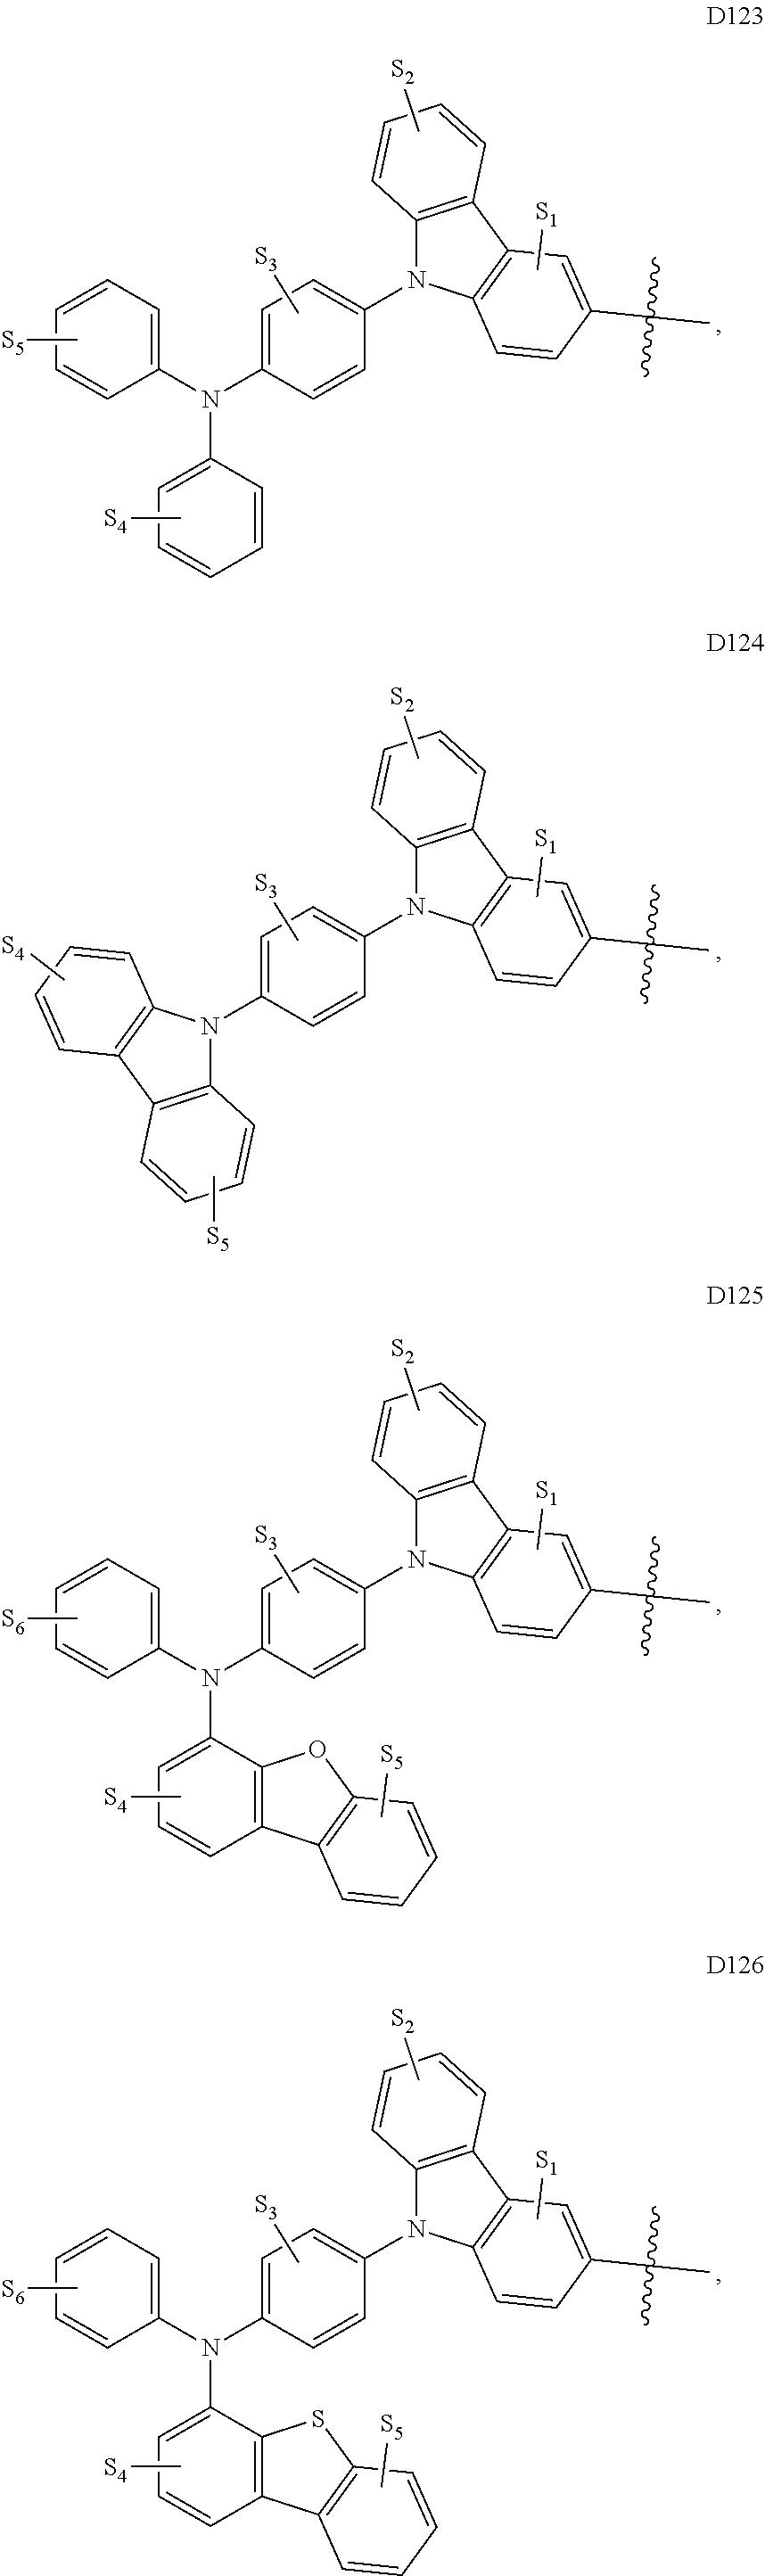 Figure US09537106-20170103-C00156